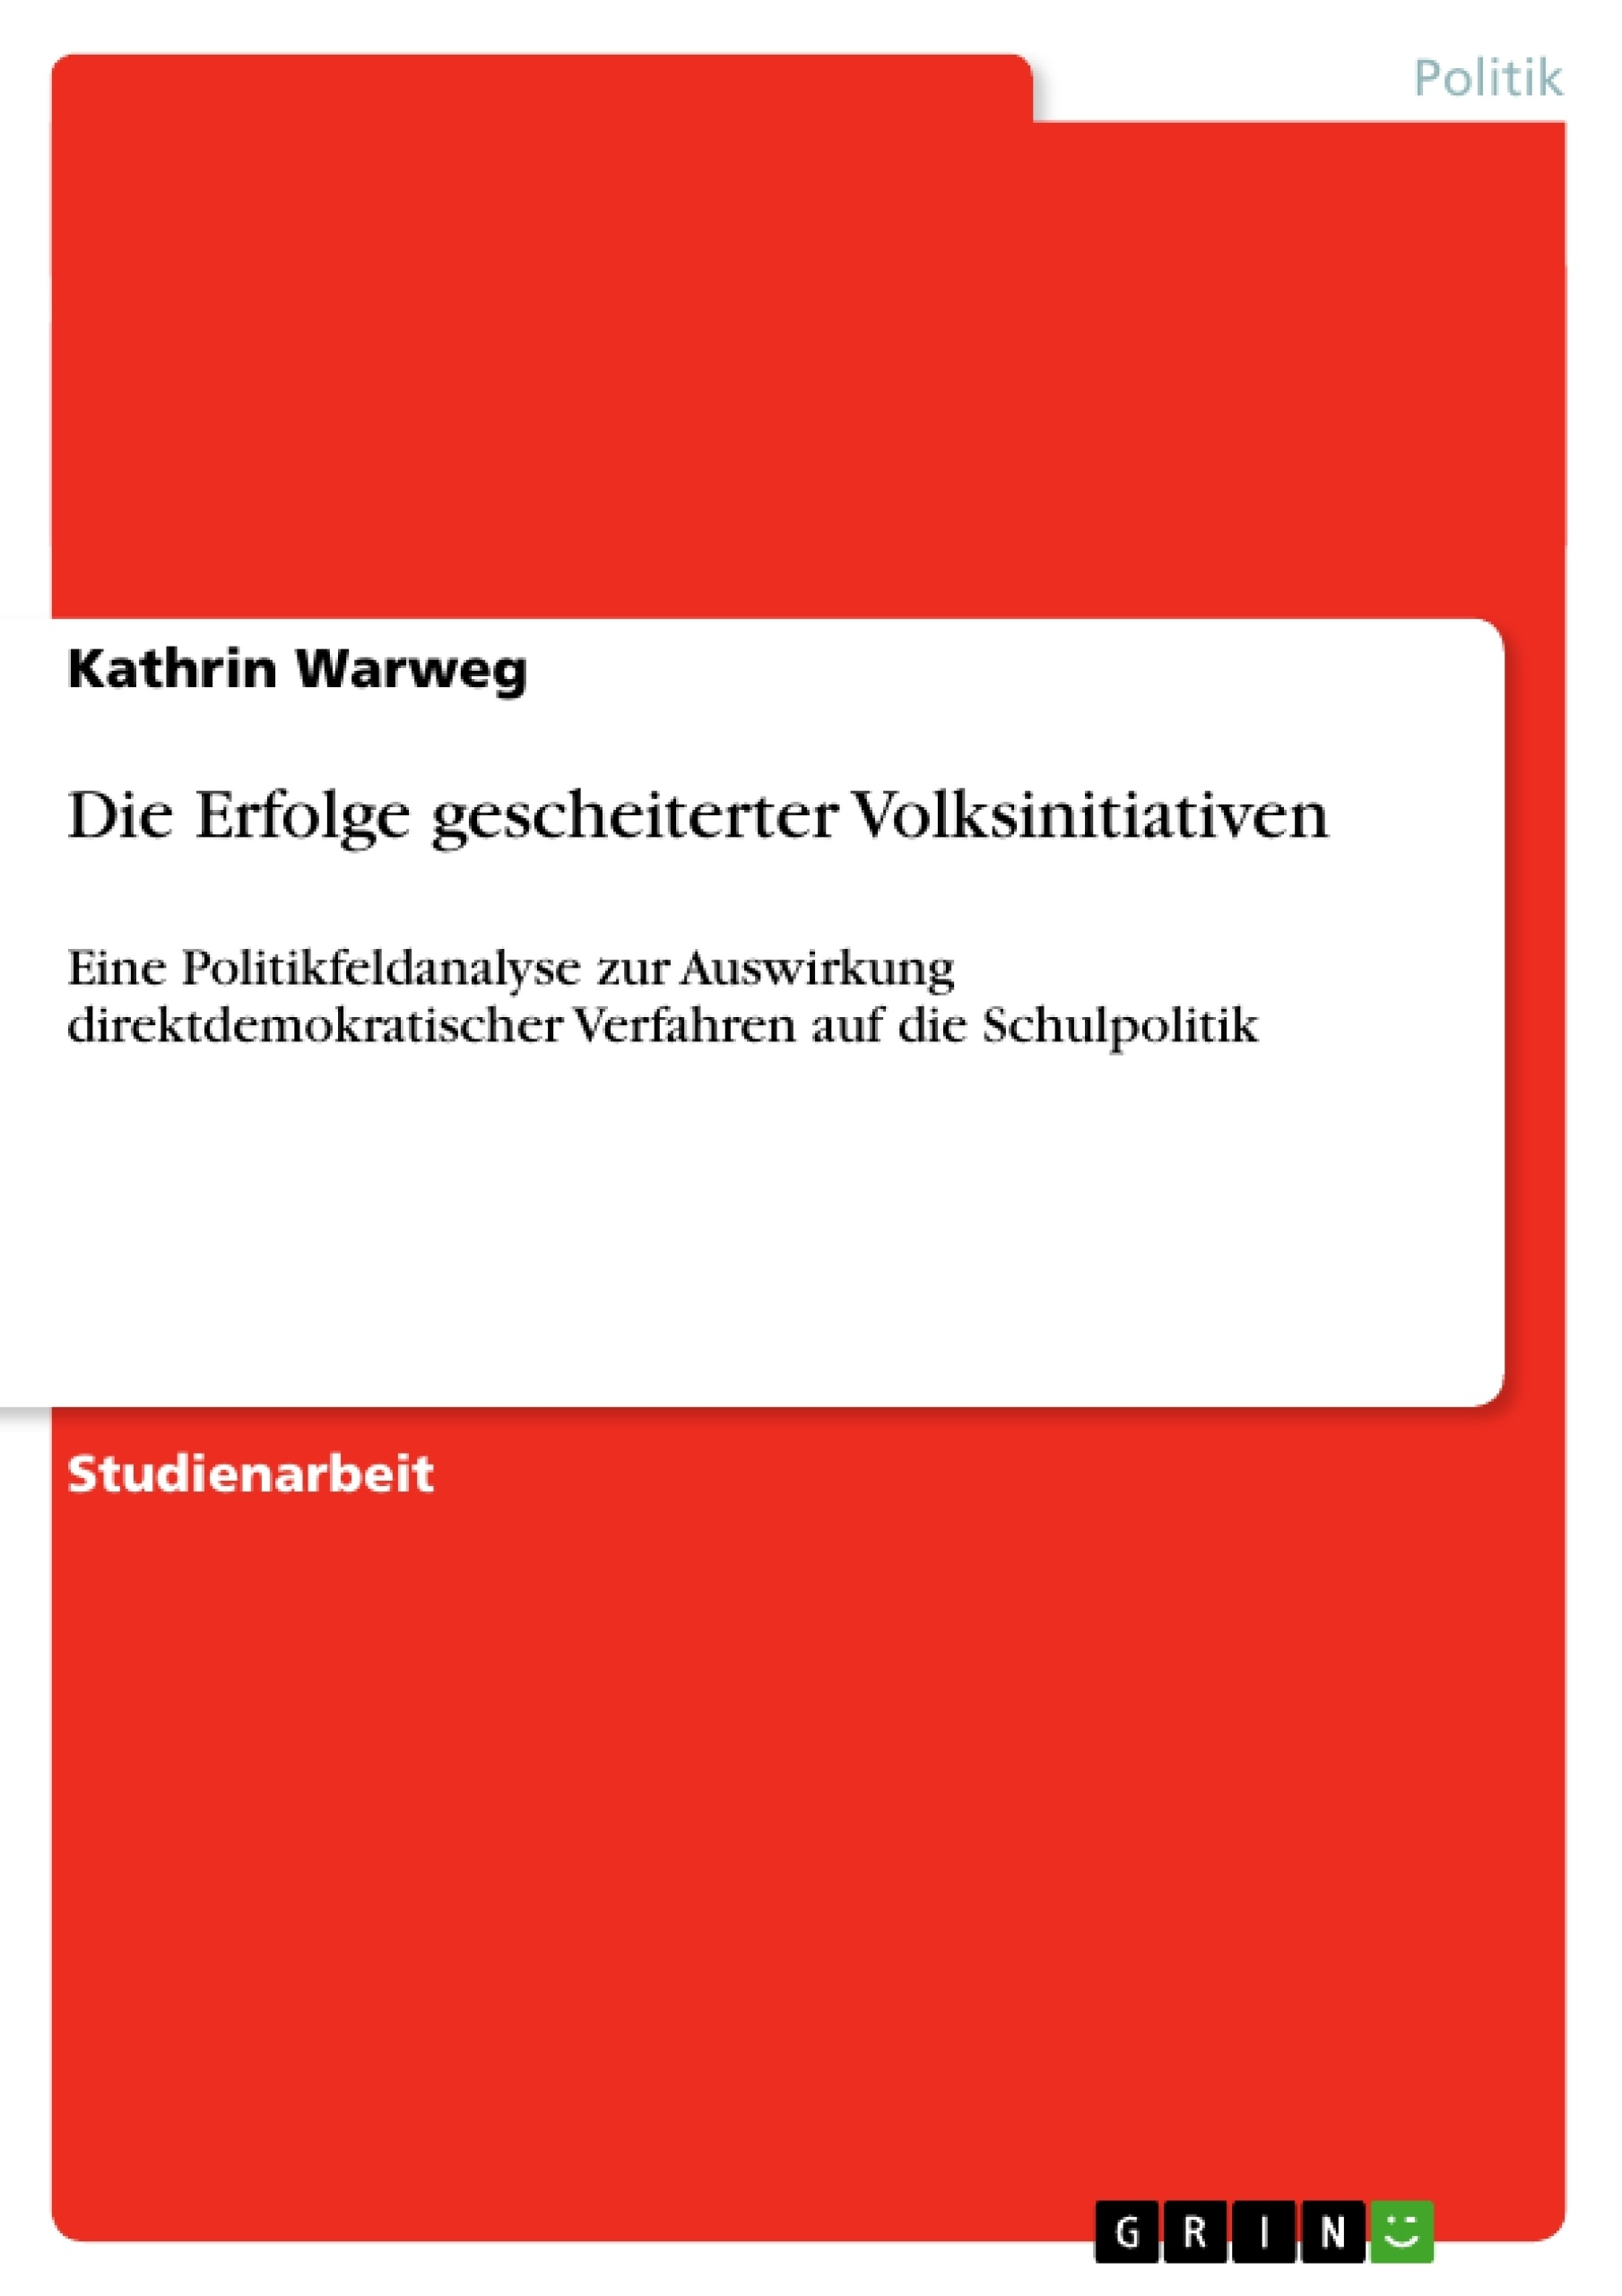 Titel: Die Erfolge gescheiterter Volksinitiativen